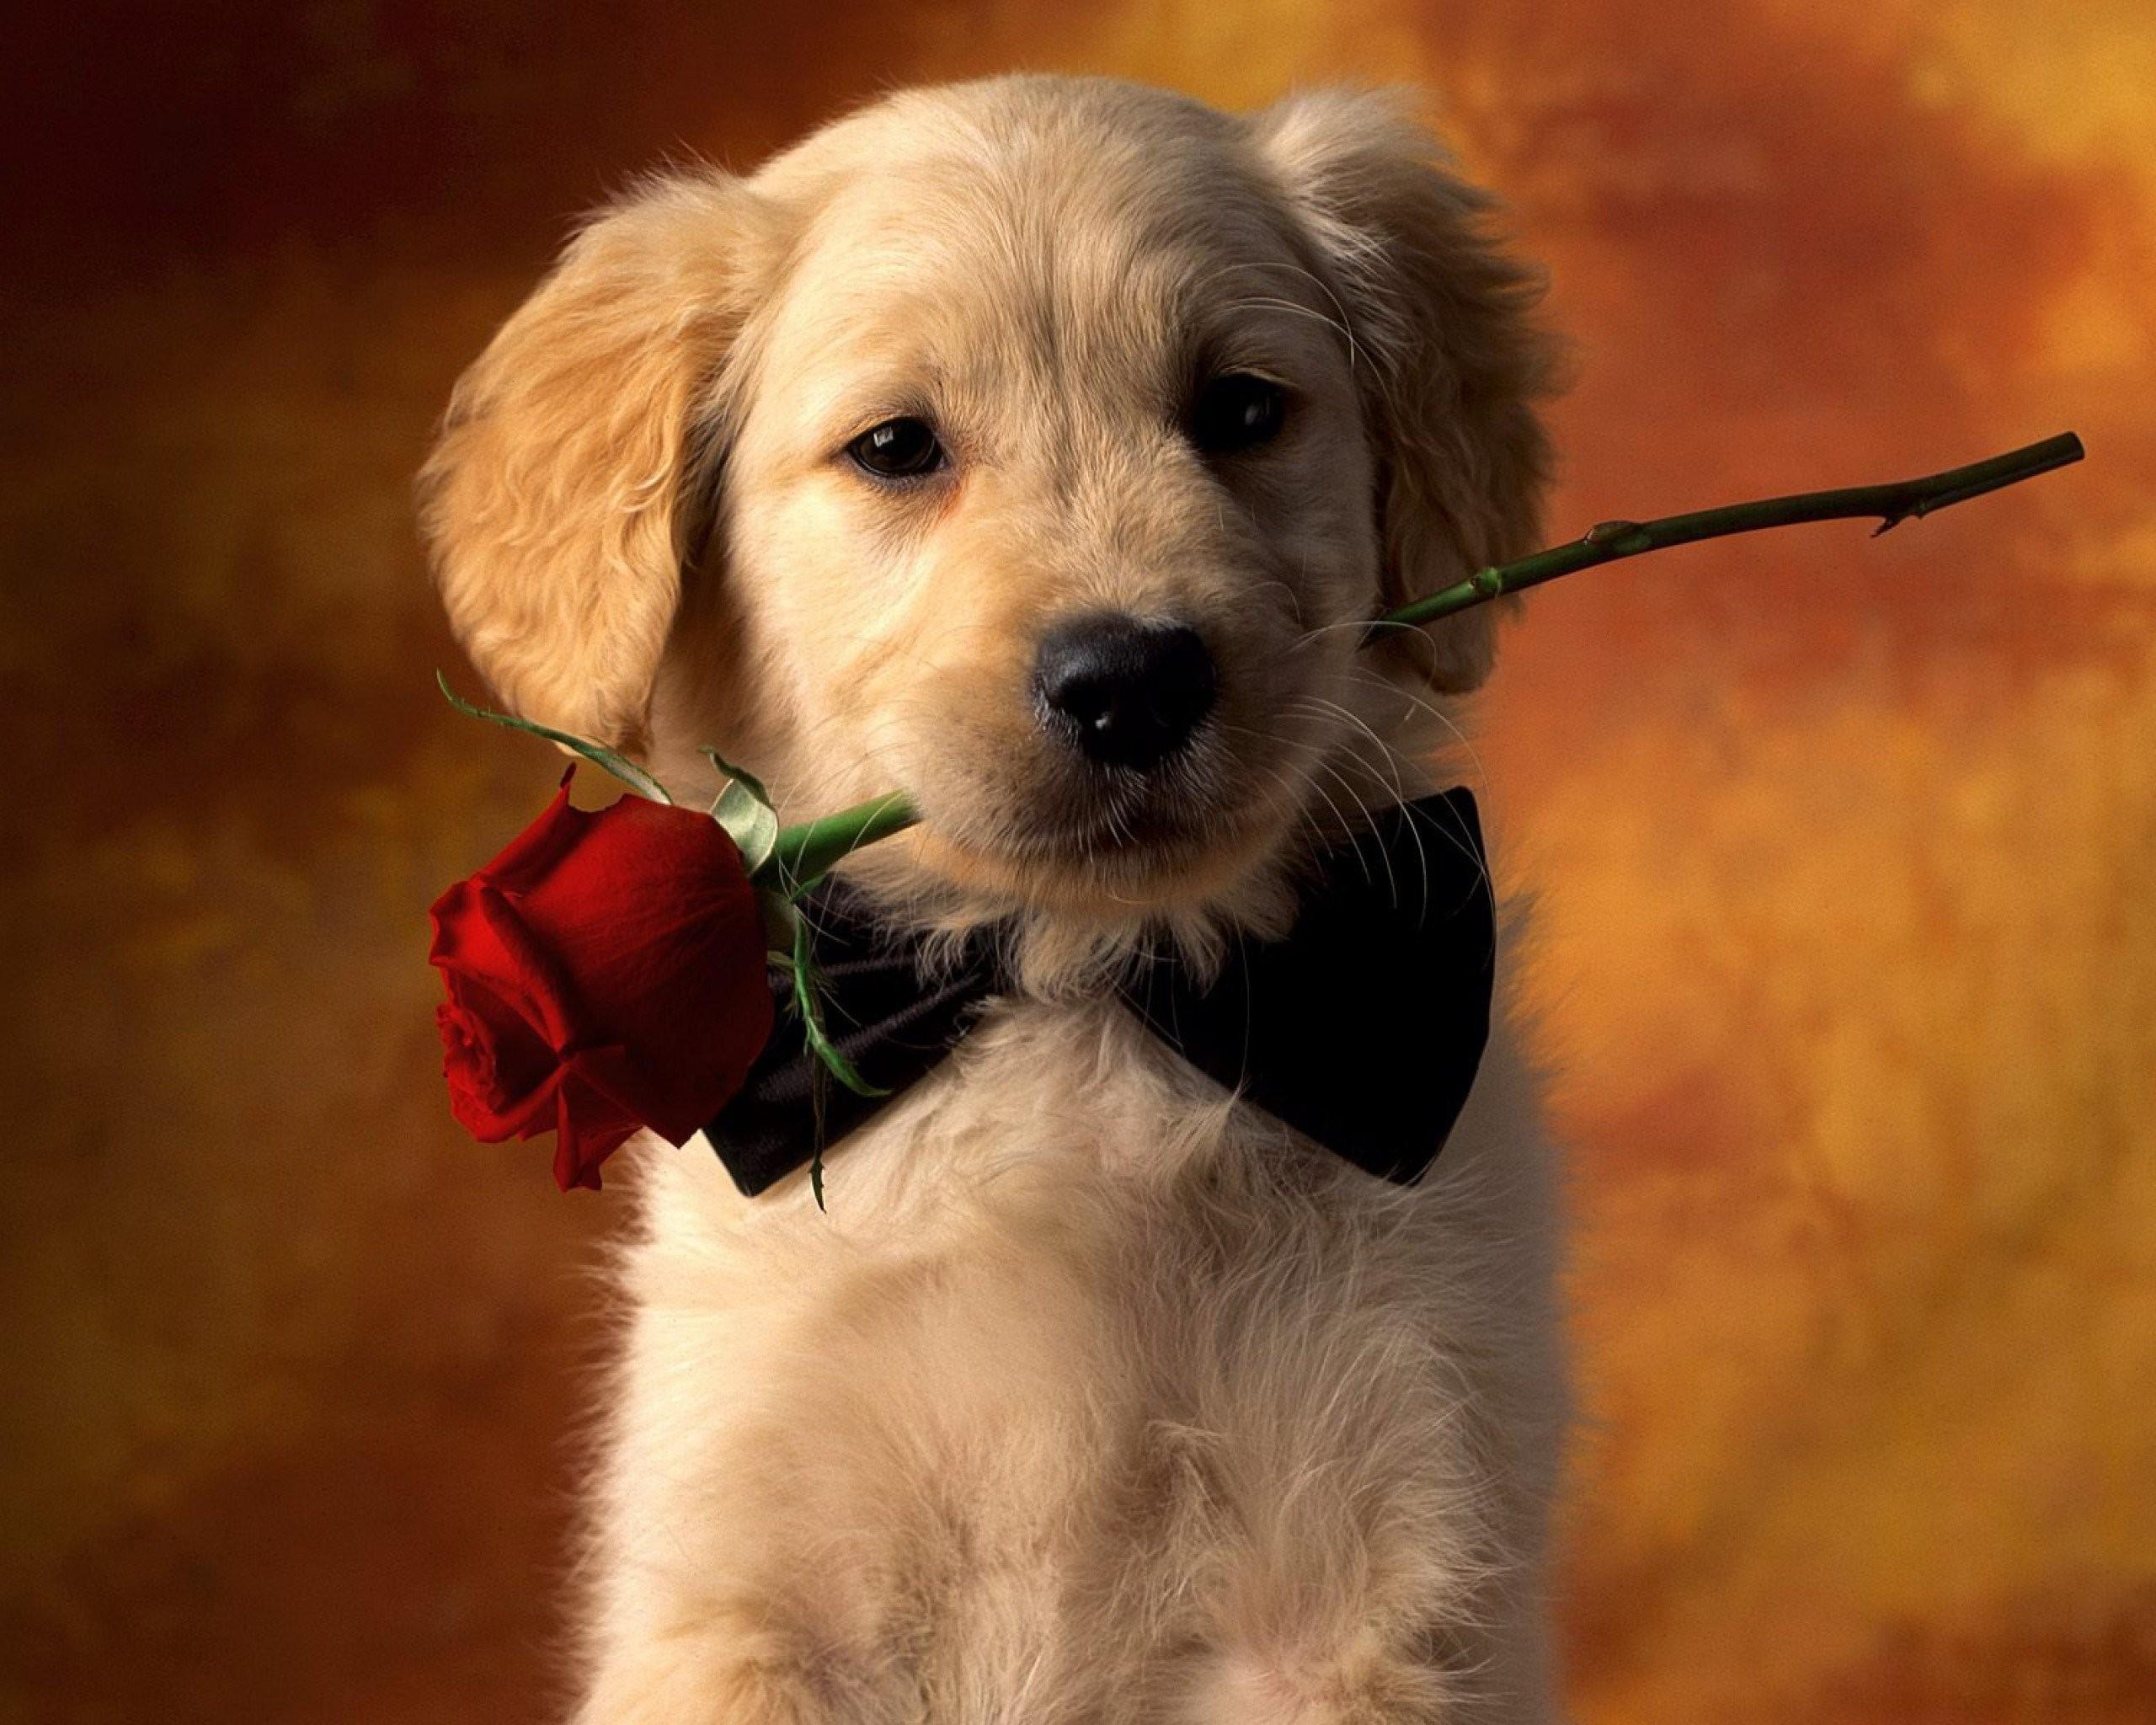 2560x2048 Animal   Dog Red Rose Rose Puppy Pet Animal Cute Wallpaper